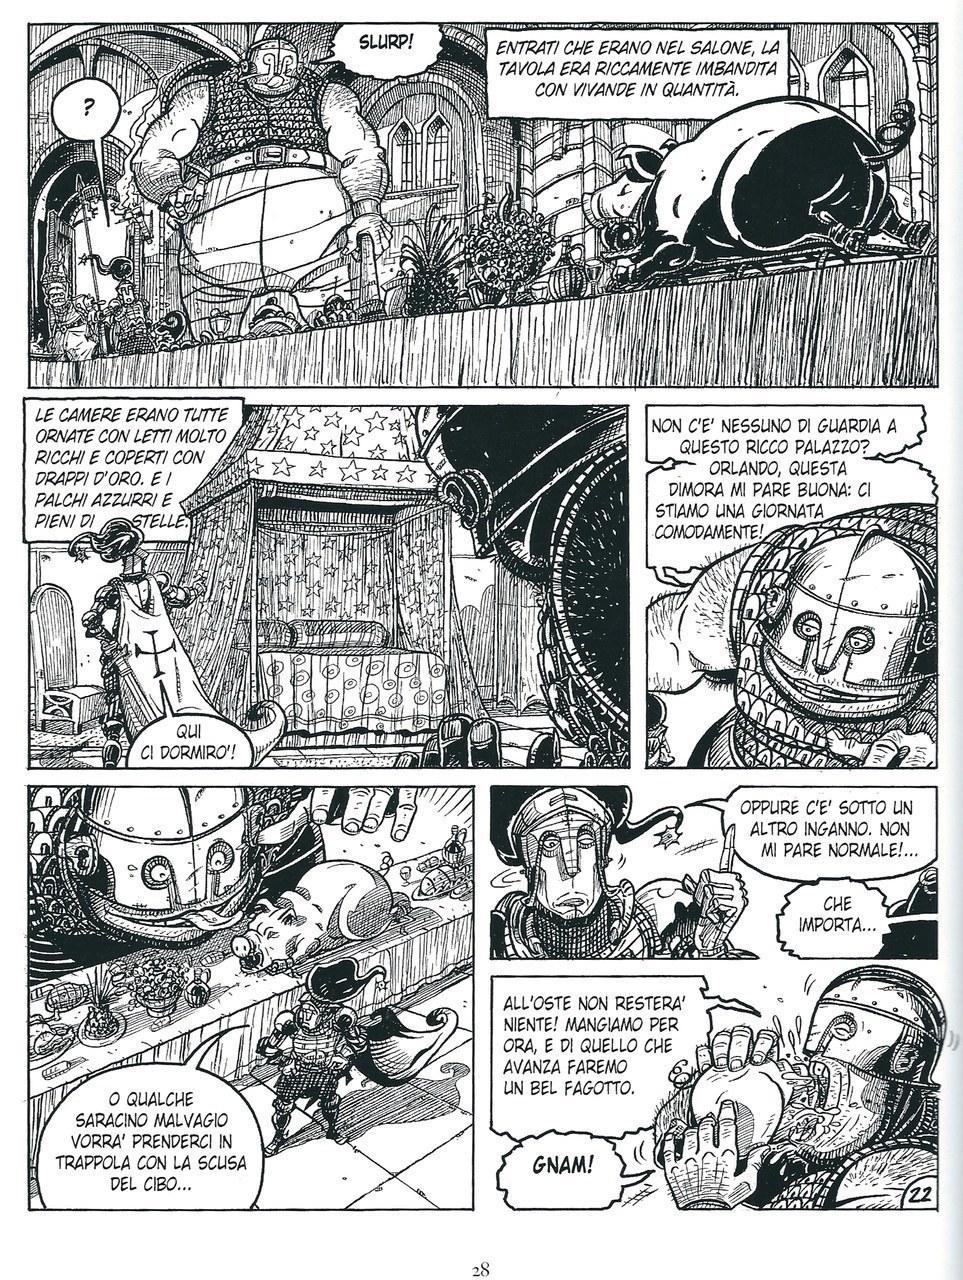 Mauro Cicarè,Il palazzo incantato, matita e china su carta, 2012, tav. 22 [per gentile concessione dell'autore]